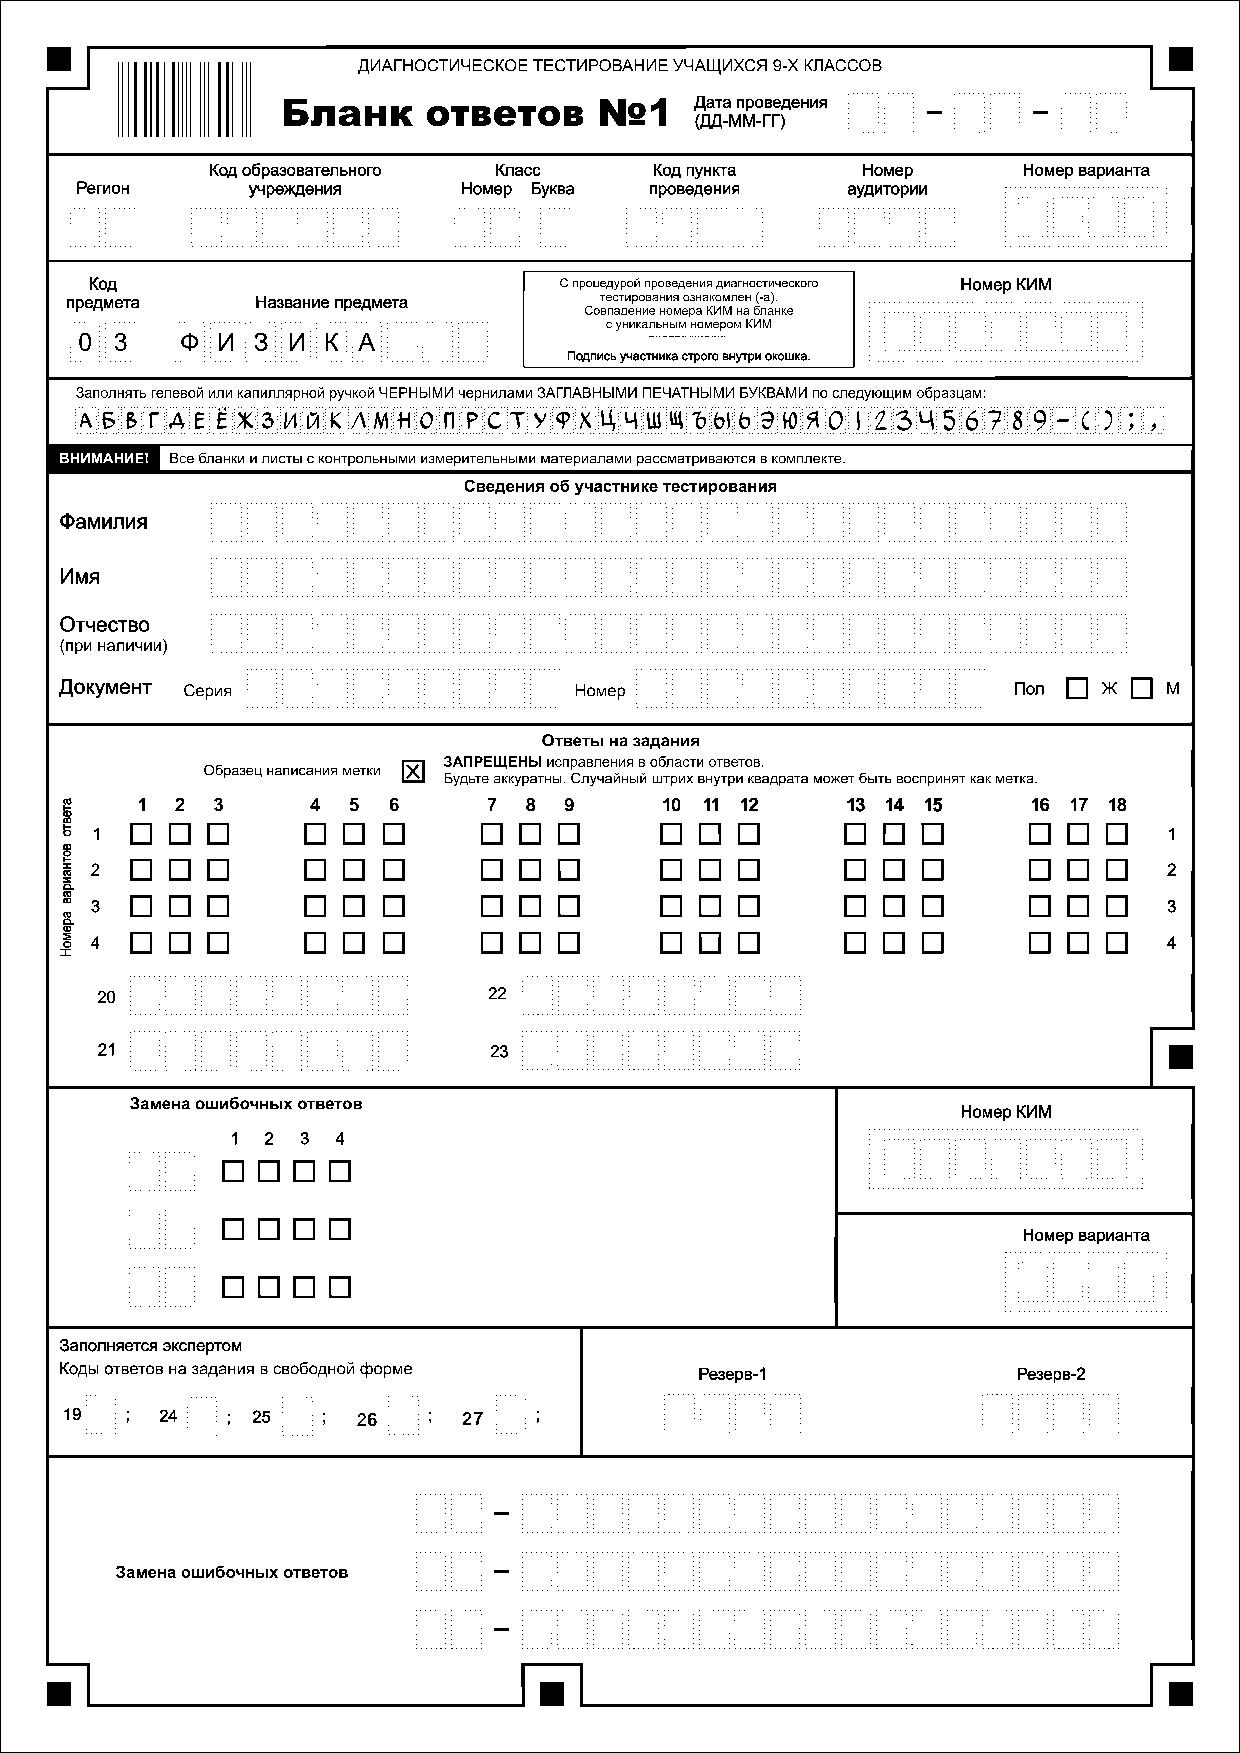 бланк заявления на гиа и егэ 2013-2014